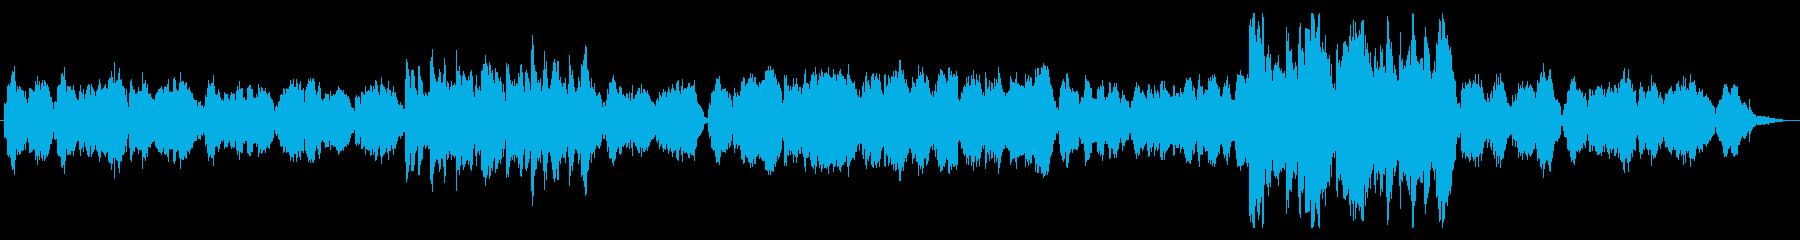 和風で癒し系バイオリン_打楽器なし版の再生済みの波形